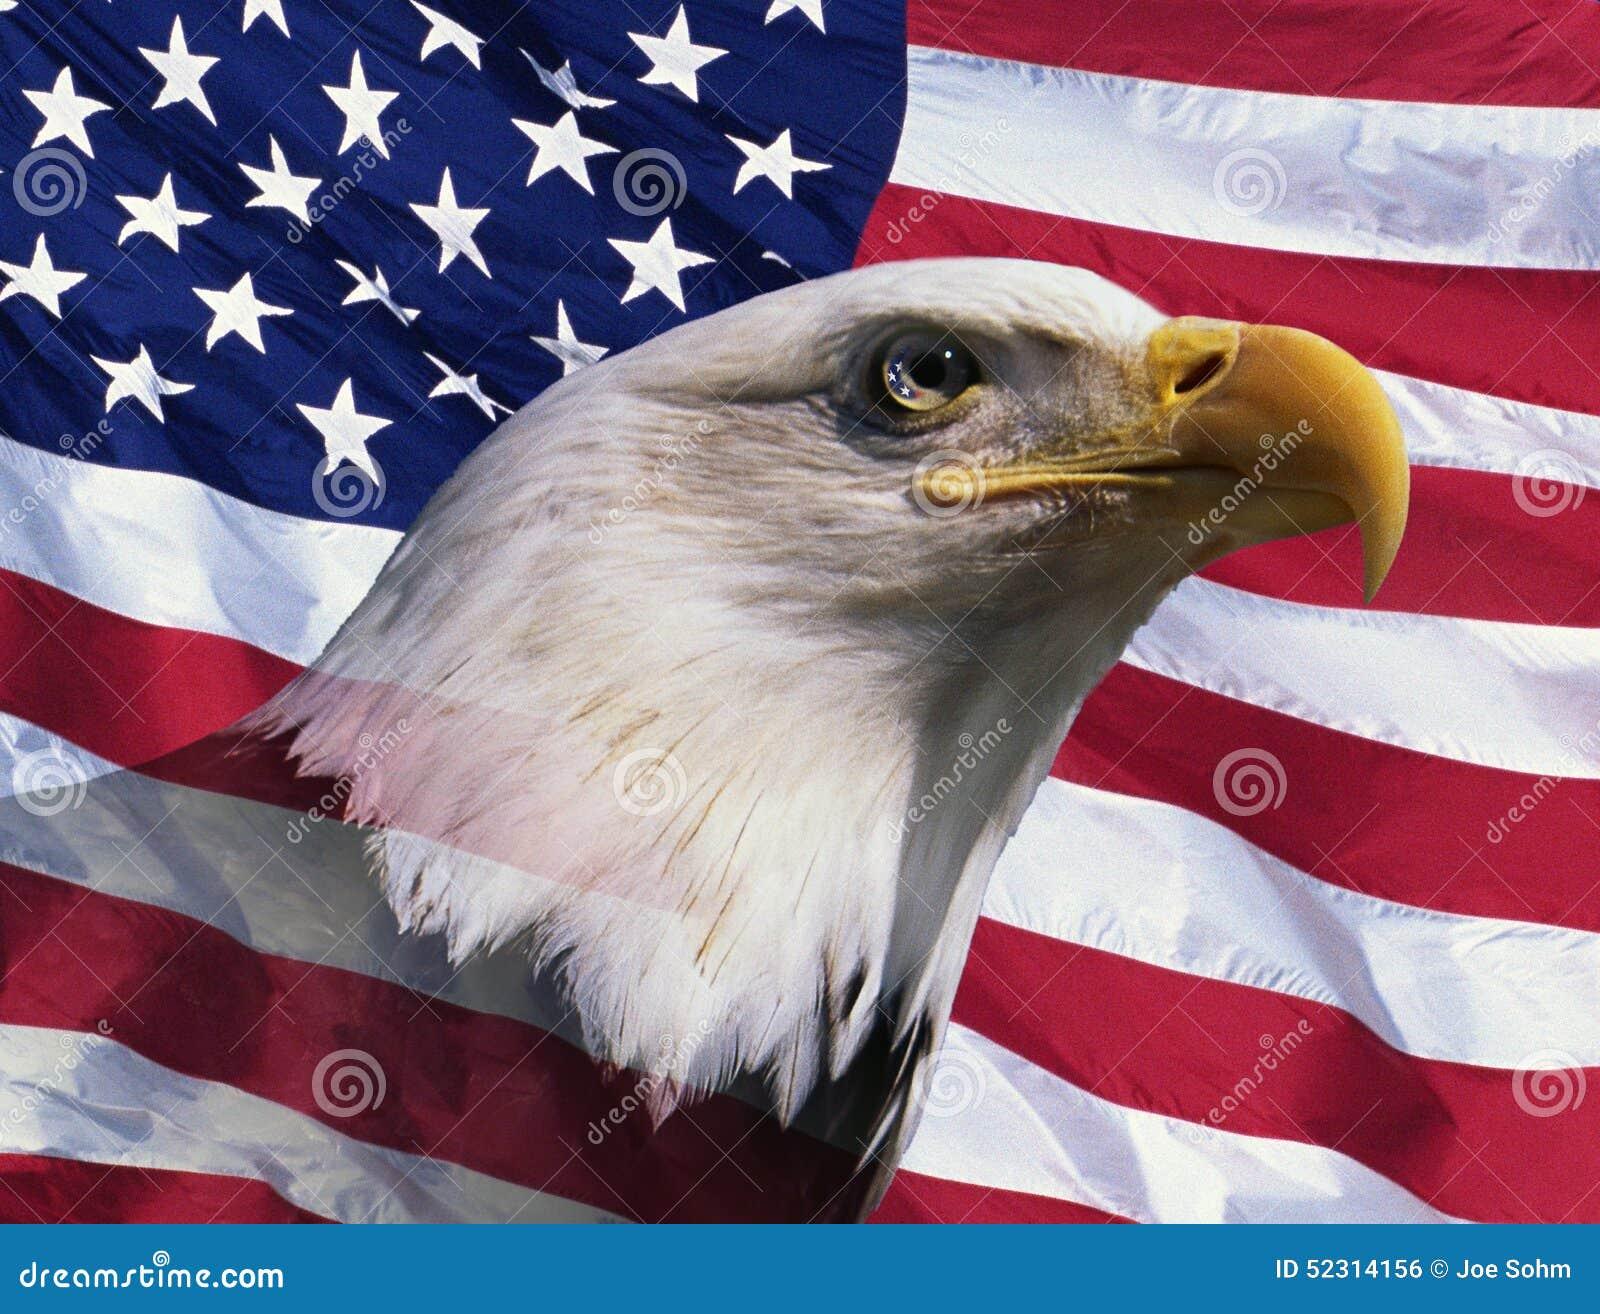 Montaggio della foto: Aquila calva e bandiera americana americane